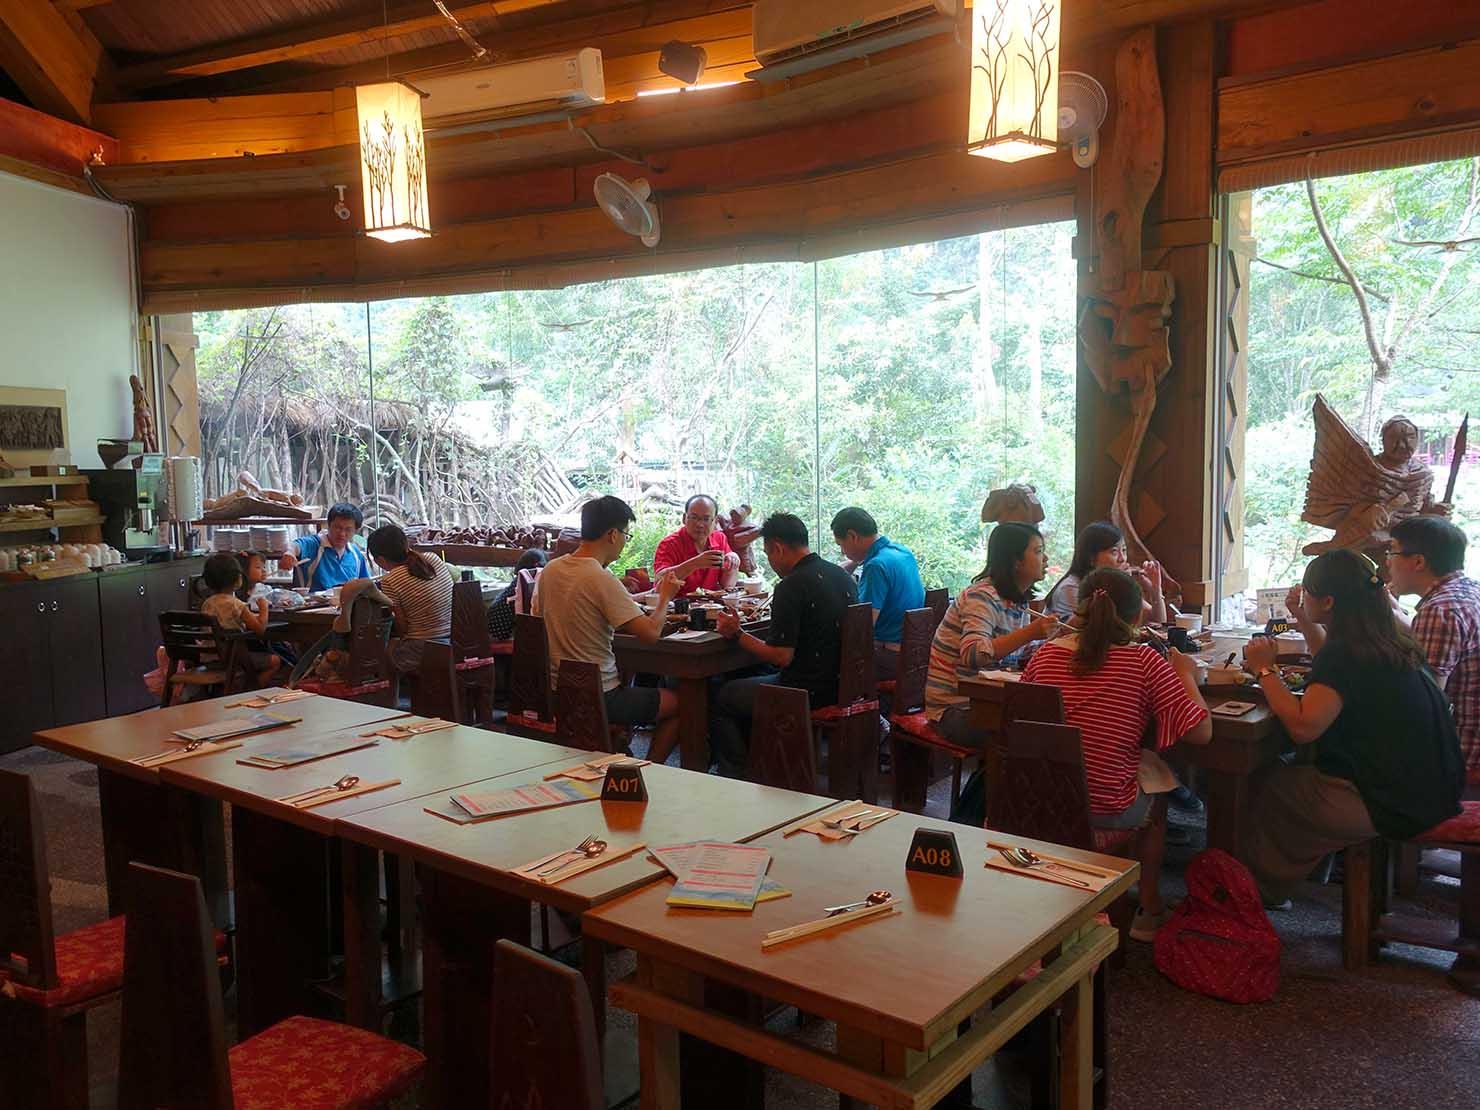 KKday外国人限定「花蓮・太魯閣(タロコ)日帰りツアー」布洛灣のレストラン・山月村の店内